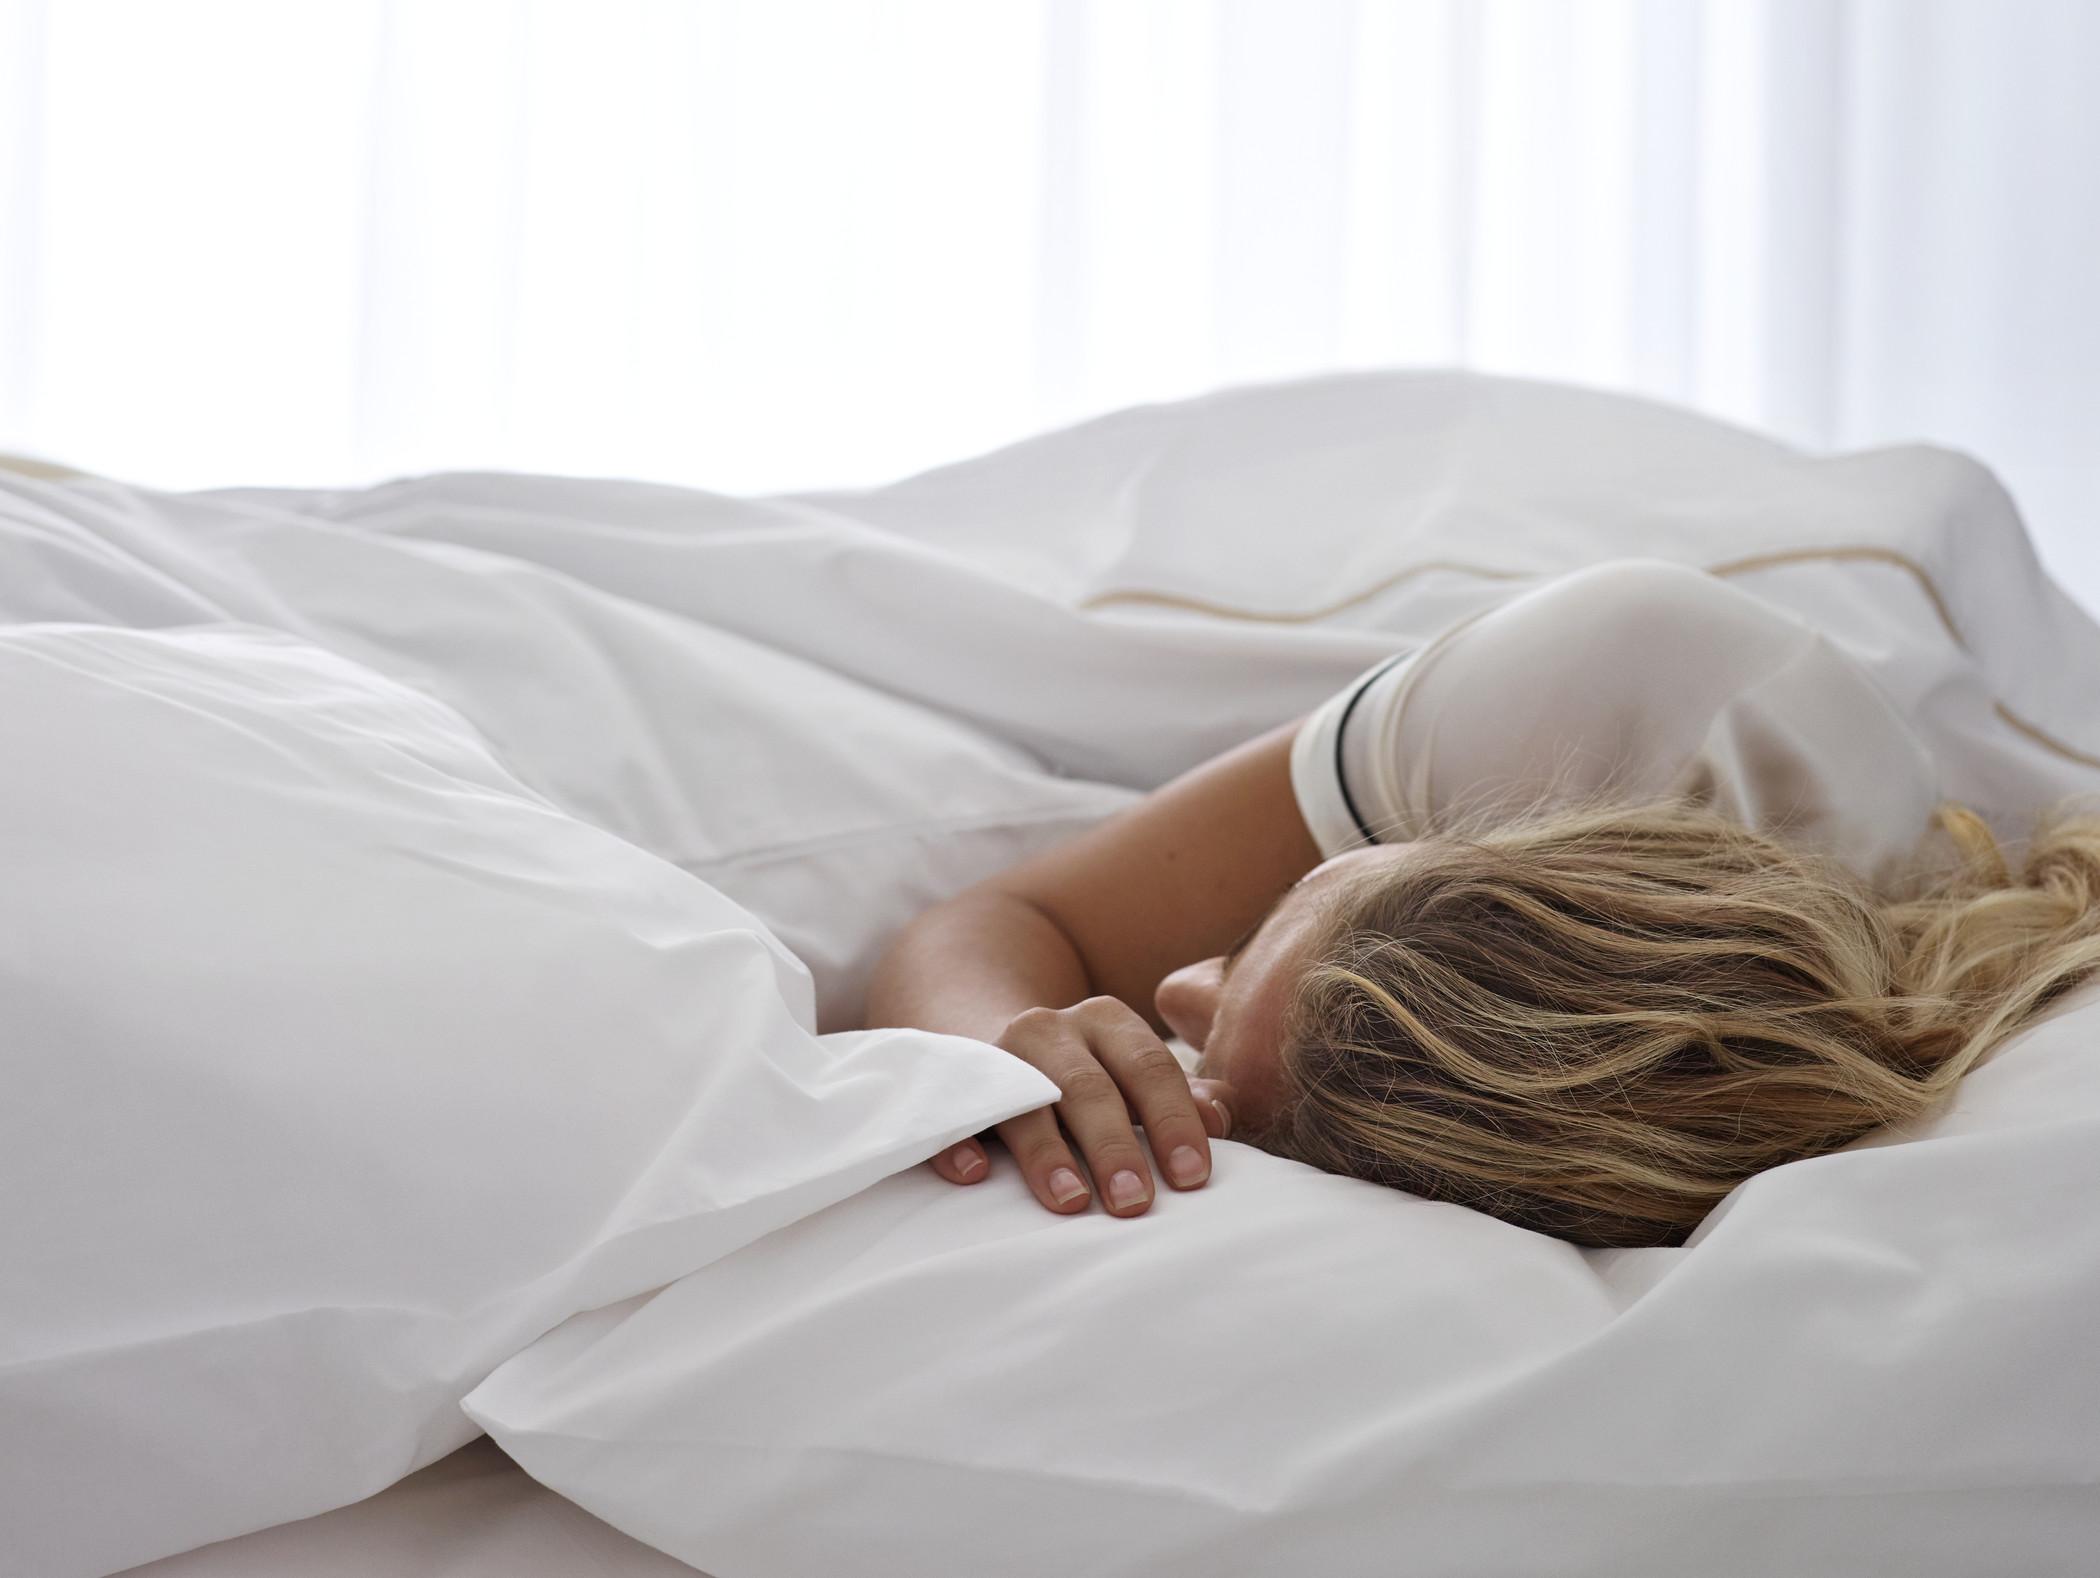 Female Sleeping - Heavenly Bed